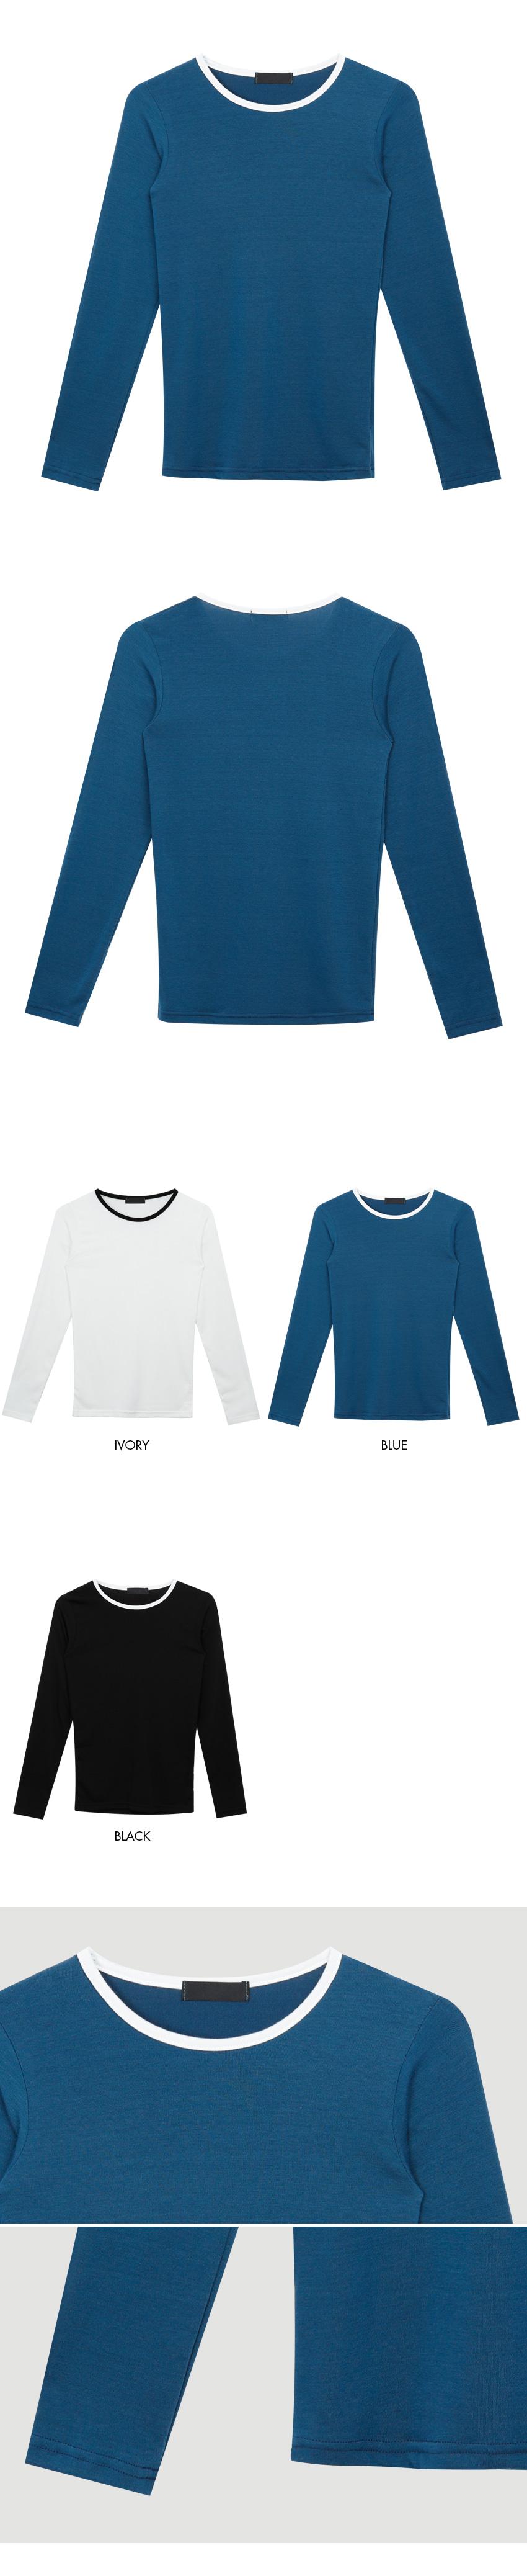 Milkies Round T-Shirt